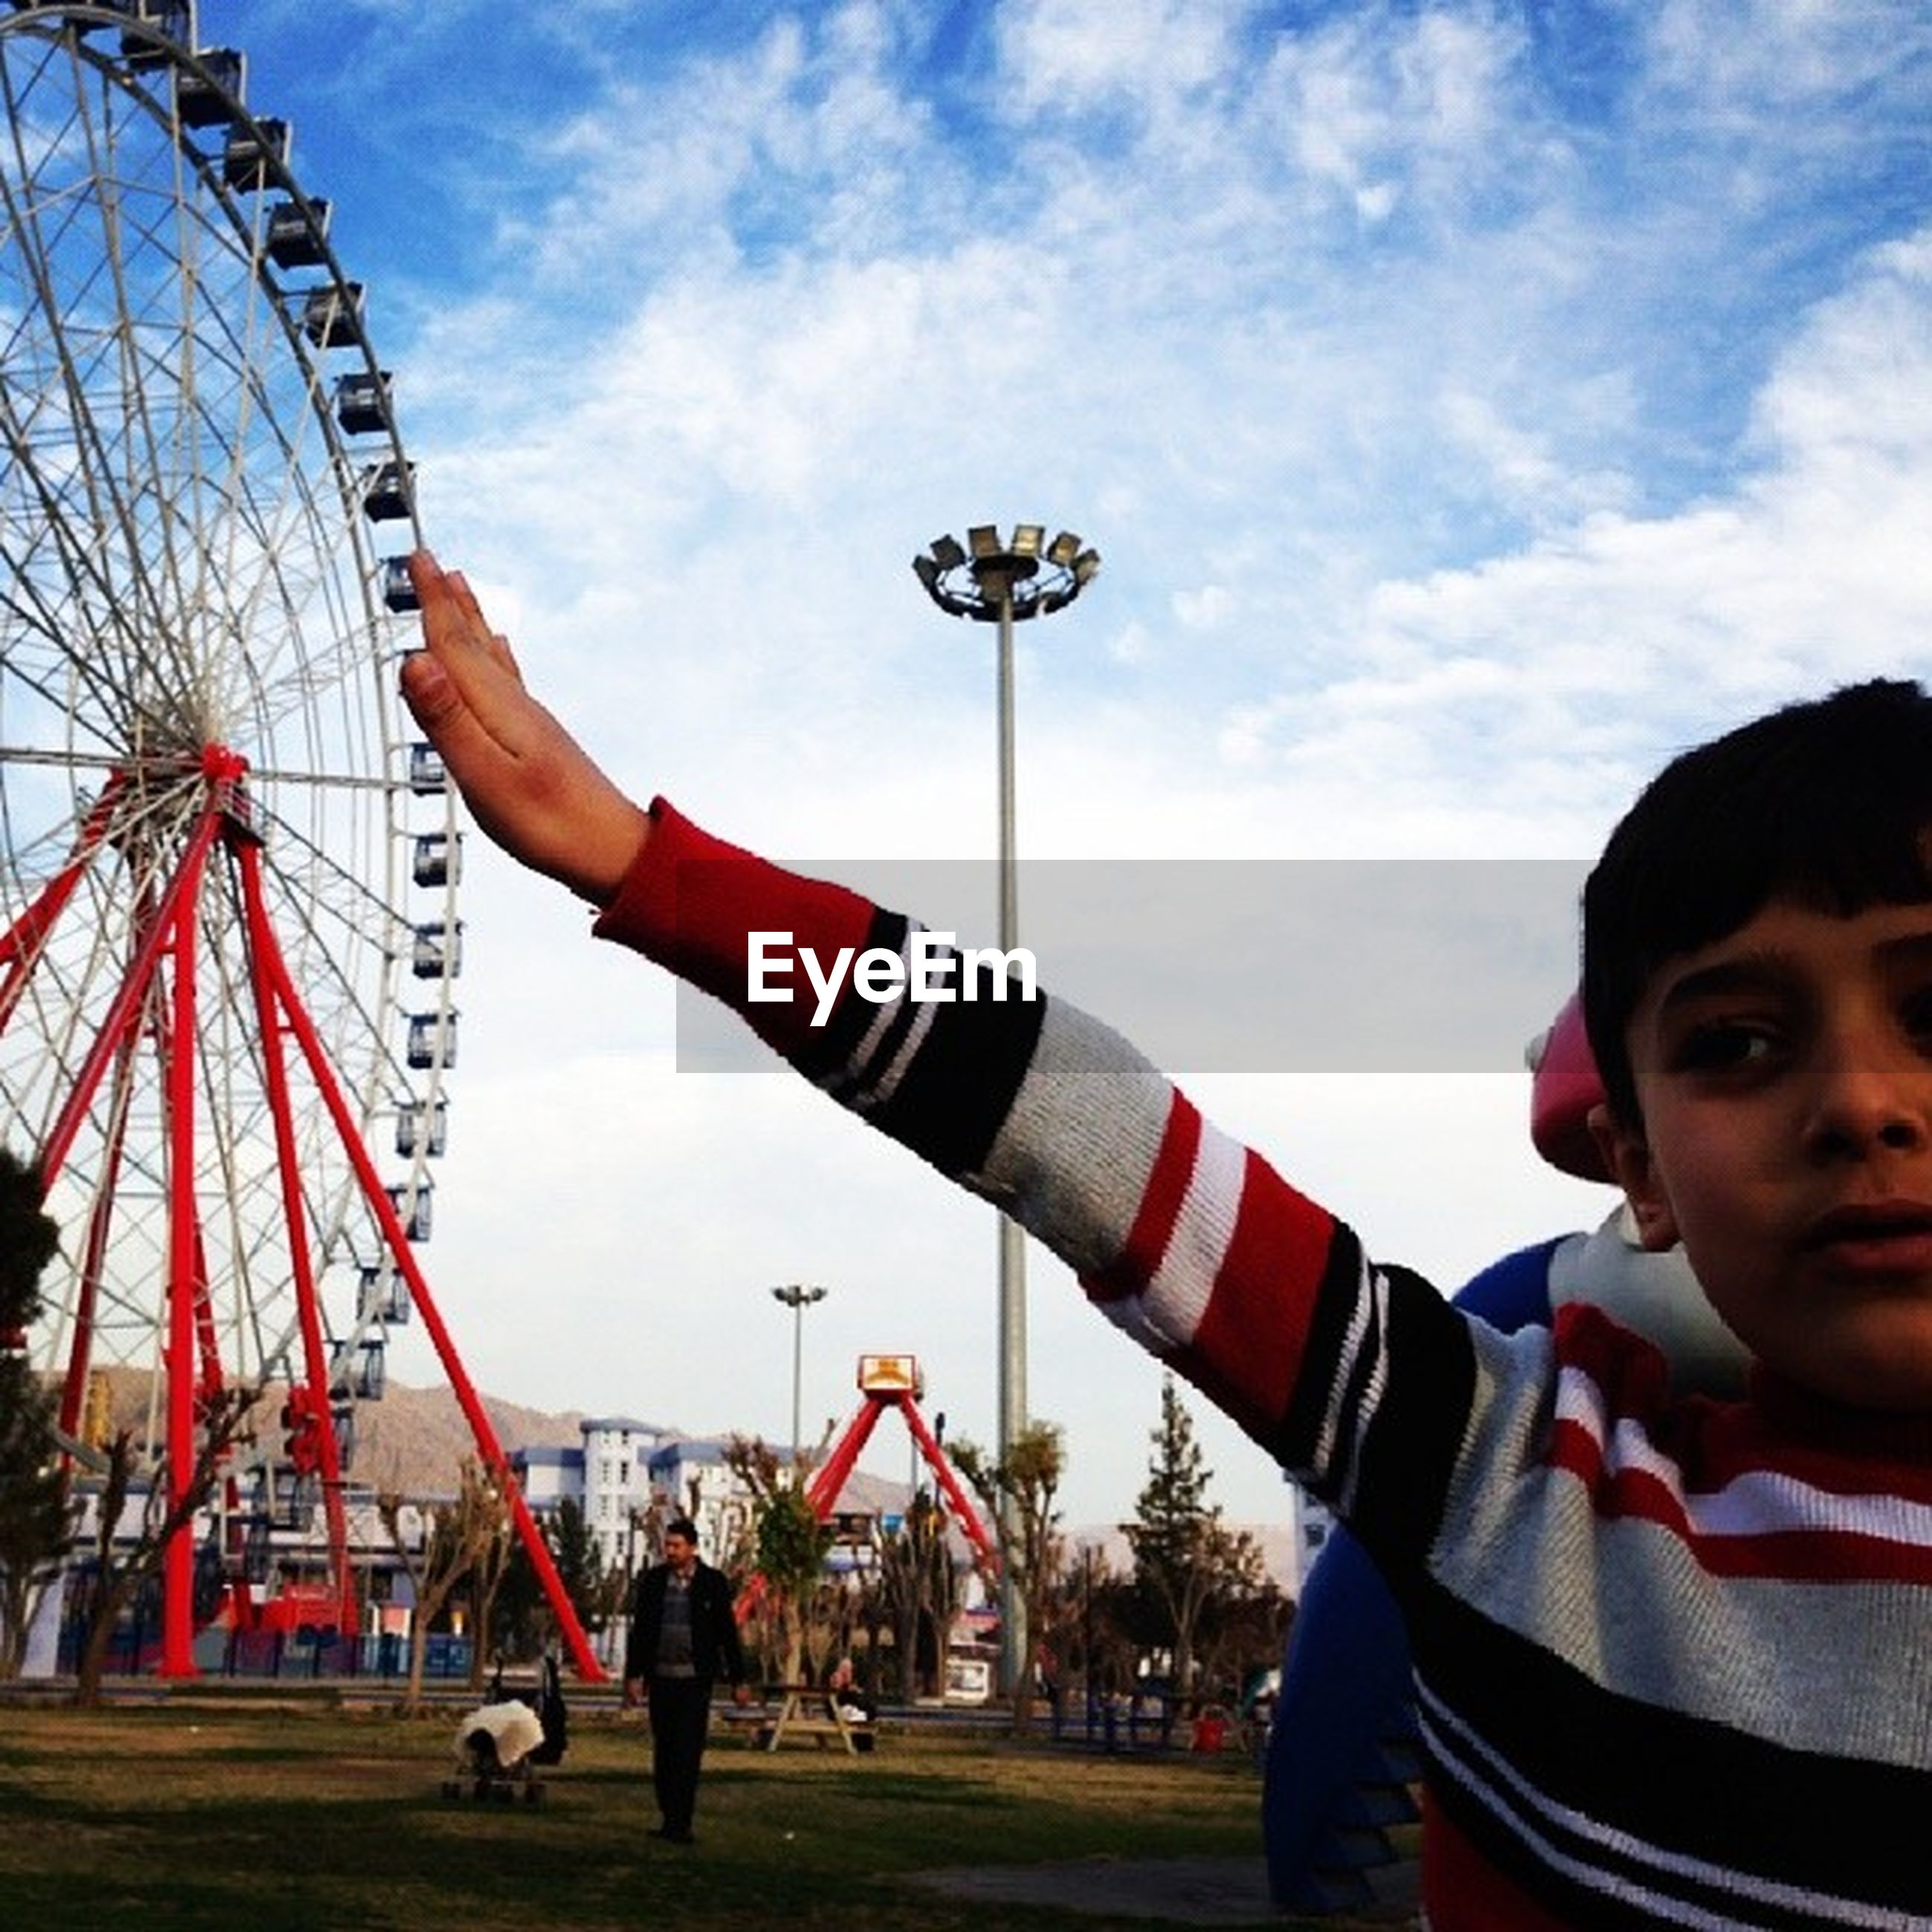 amusement park, amusement park ride, leisure activity, lifestyles, arts culture and entertainment, ferris wheel, sky, architecture, built structure, cloud - sky, fun, men, travel, person, travel destinations, casual clothing, tourism, enjoyment